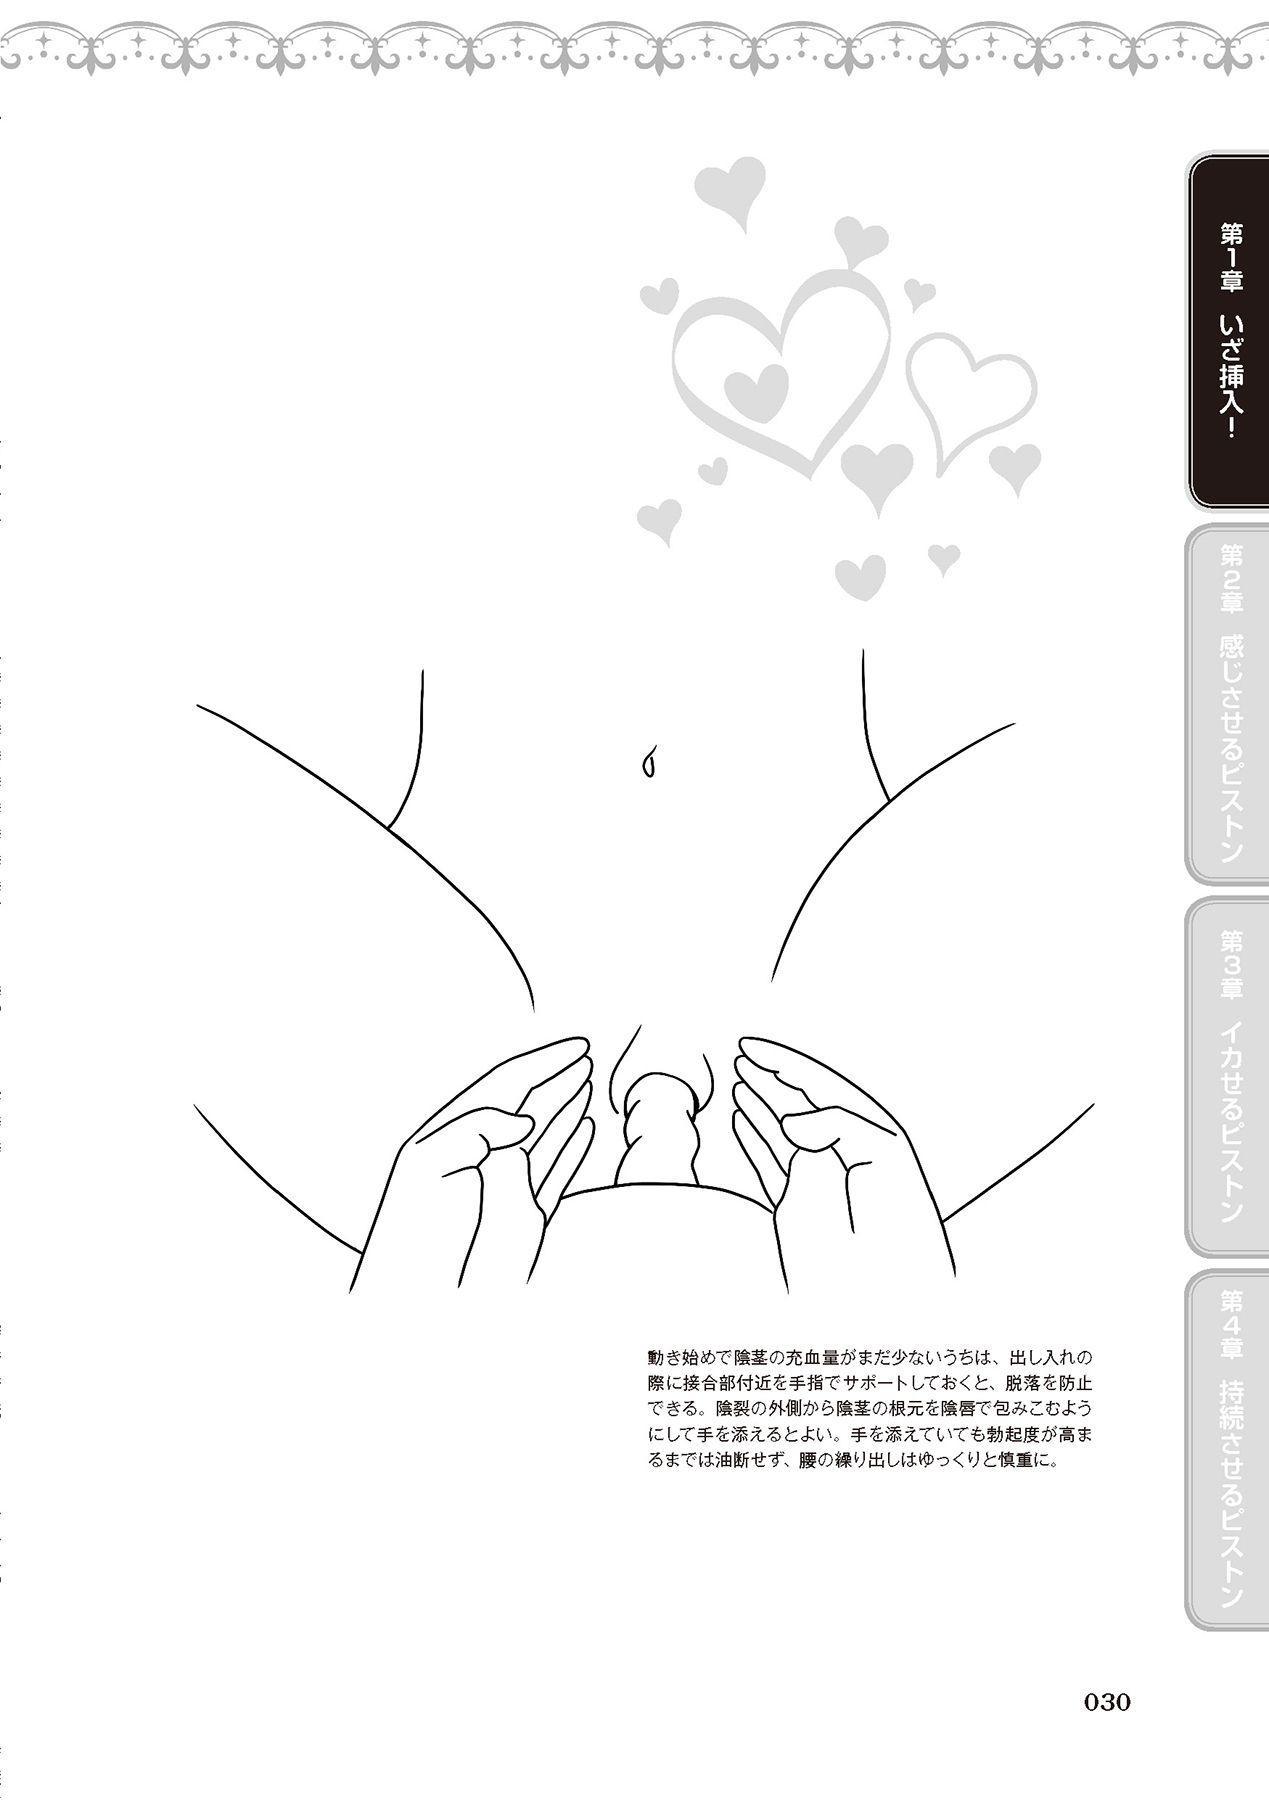 膣挿入&ピストン運動完全マニュアル イラスト版……ピスとんッ! 31